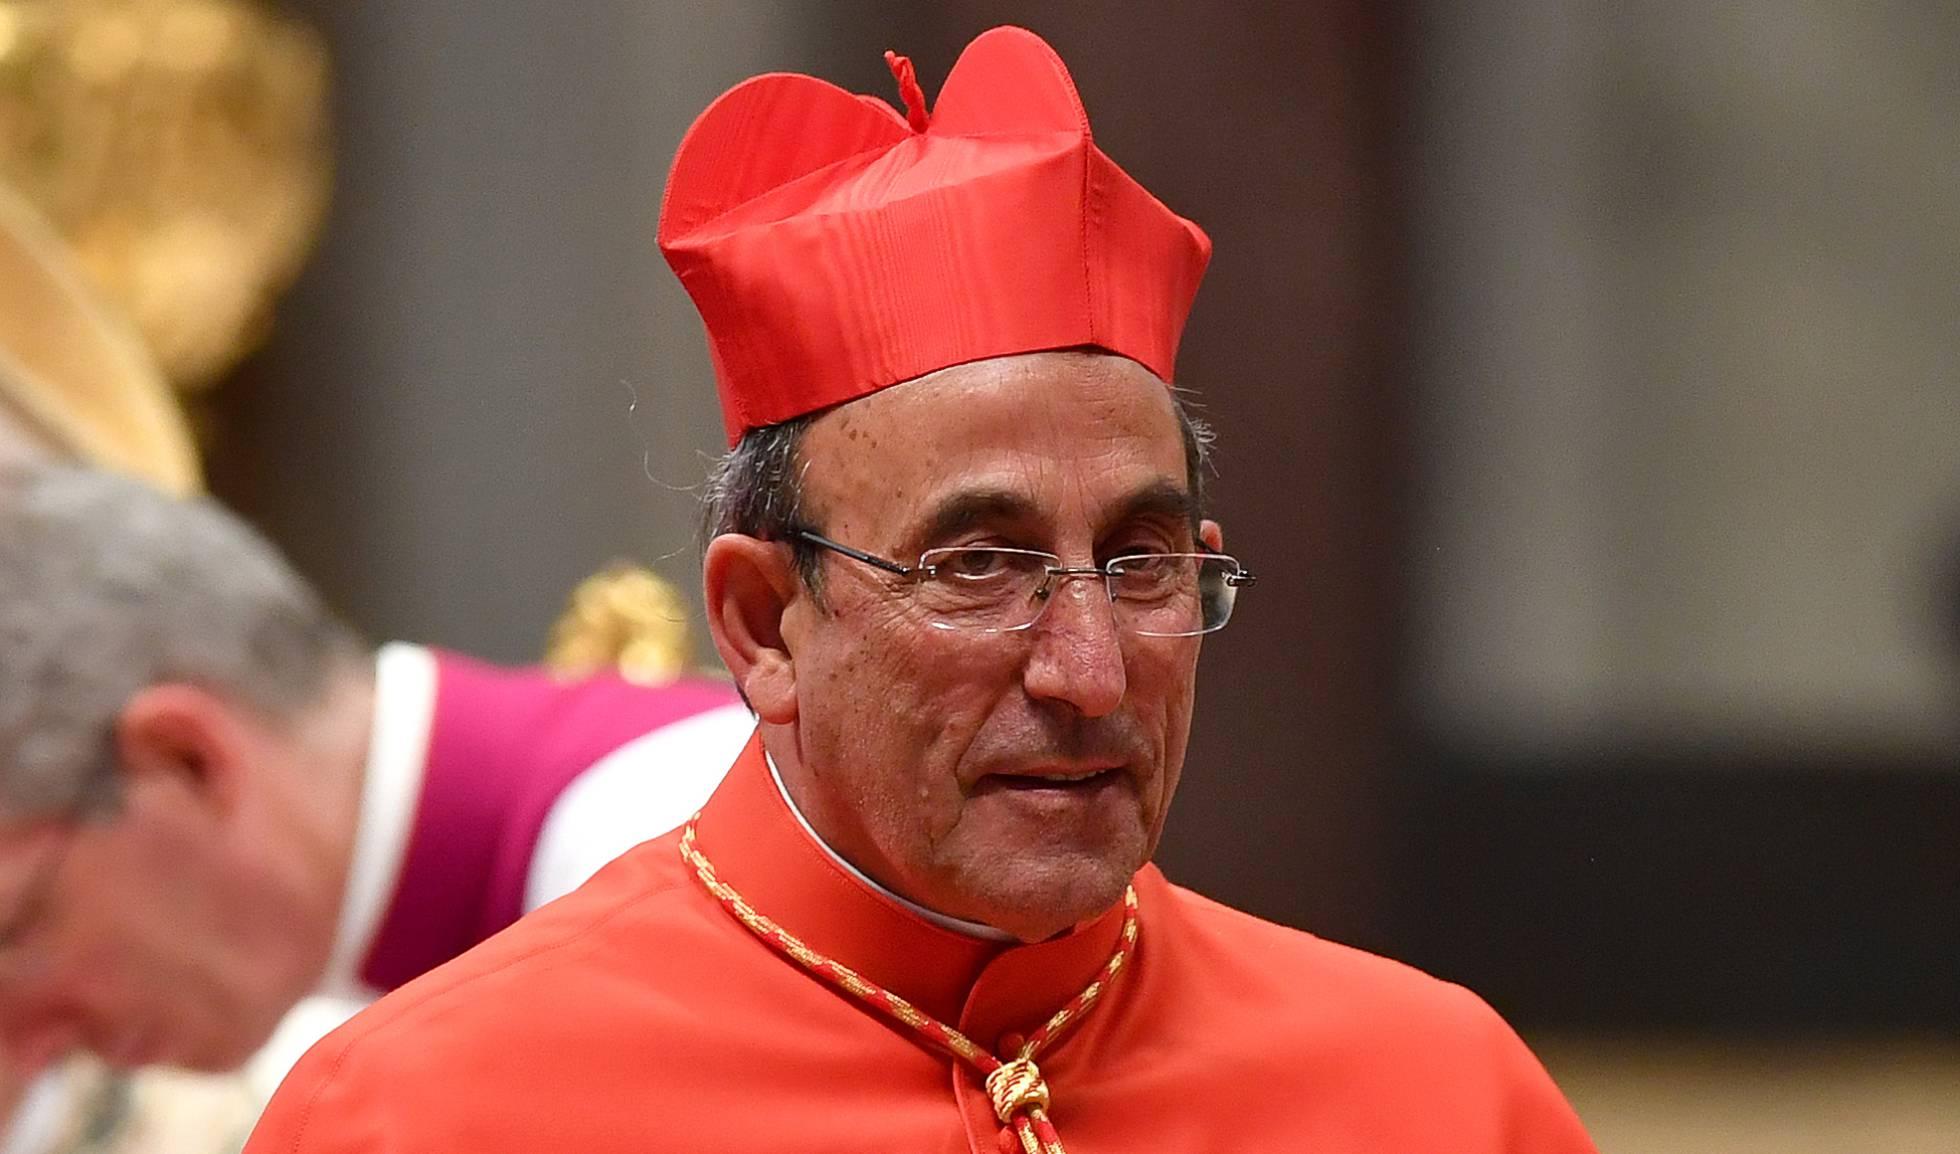 """El cardenal de Fátima denuncia """"una campaña de los ultraconservadores para herir de muerte"""" al Papa"""